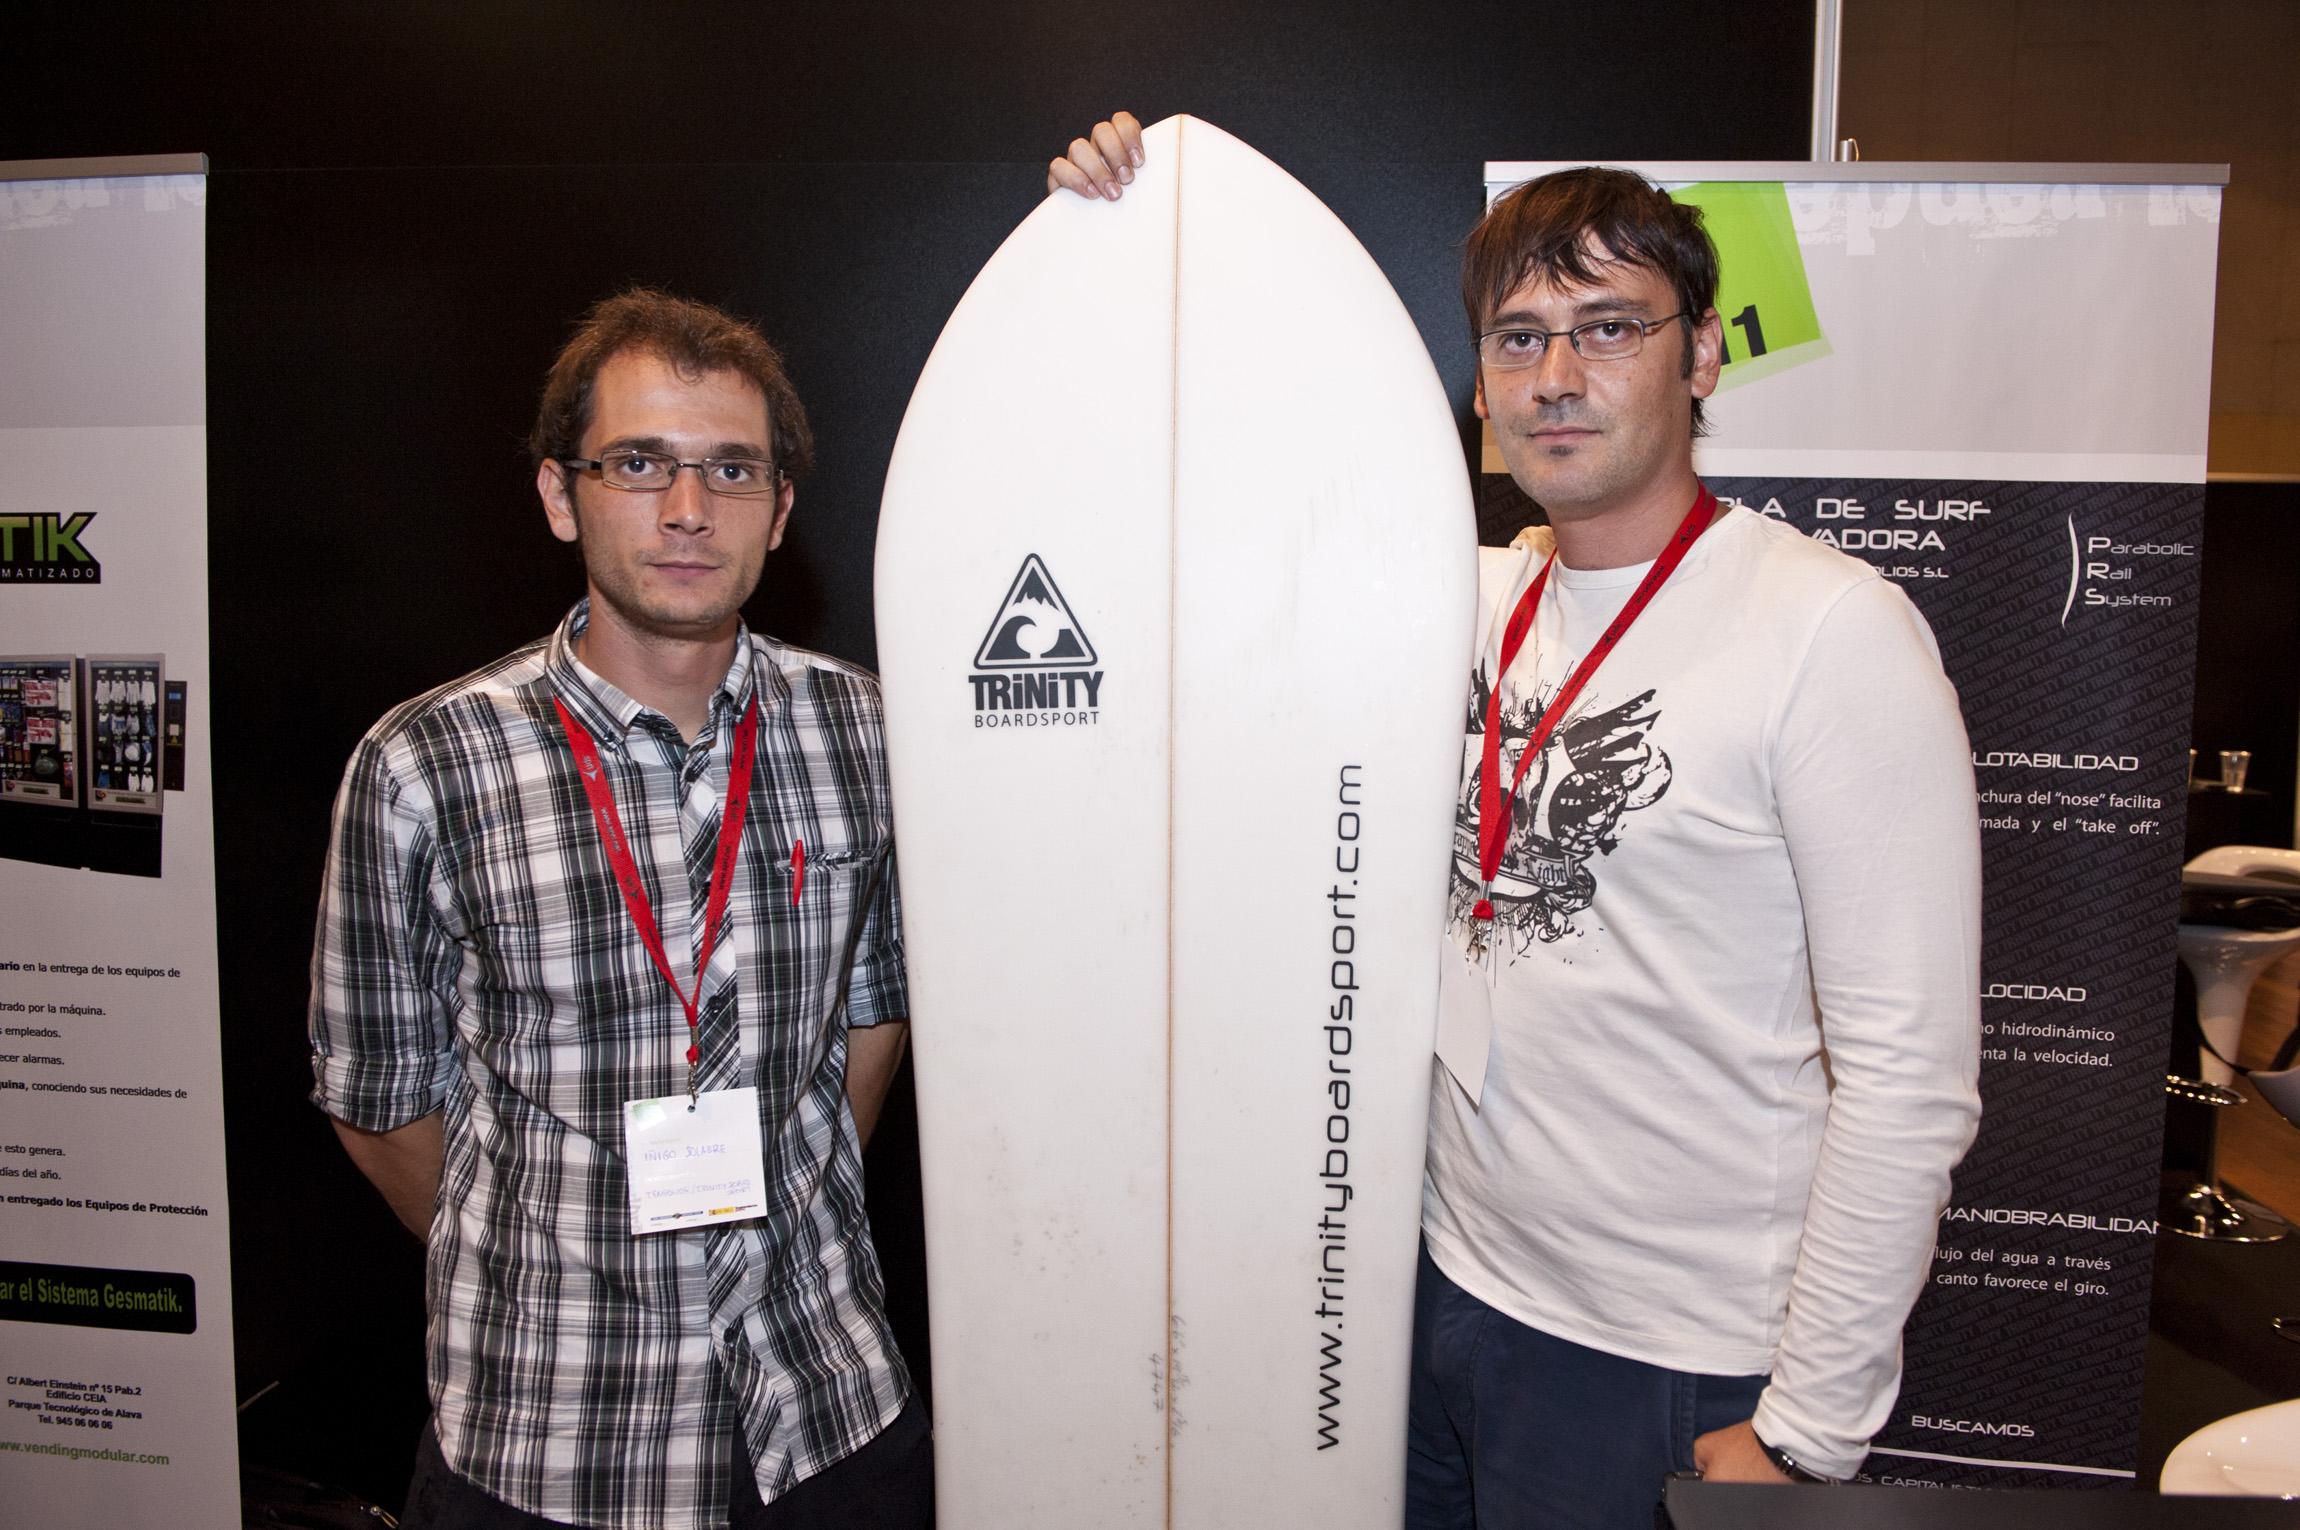 2011_09_14_emprendedores_094.jpg